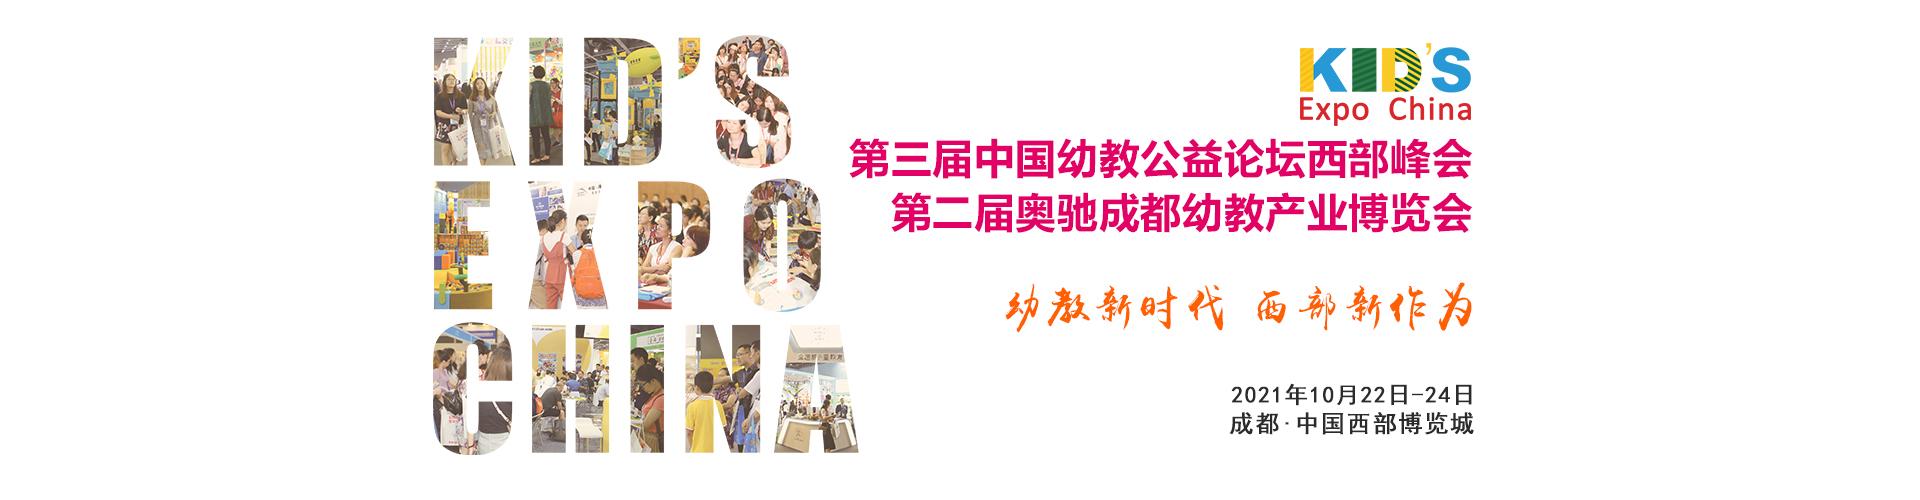 2021中國幼教公益論壇西部峰會暨第2屆成都幼教展